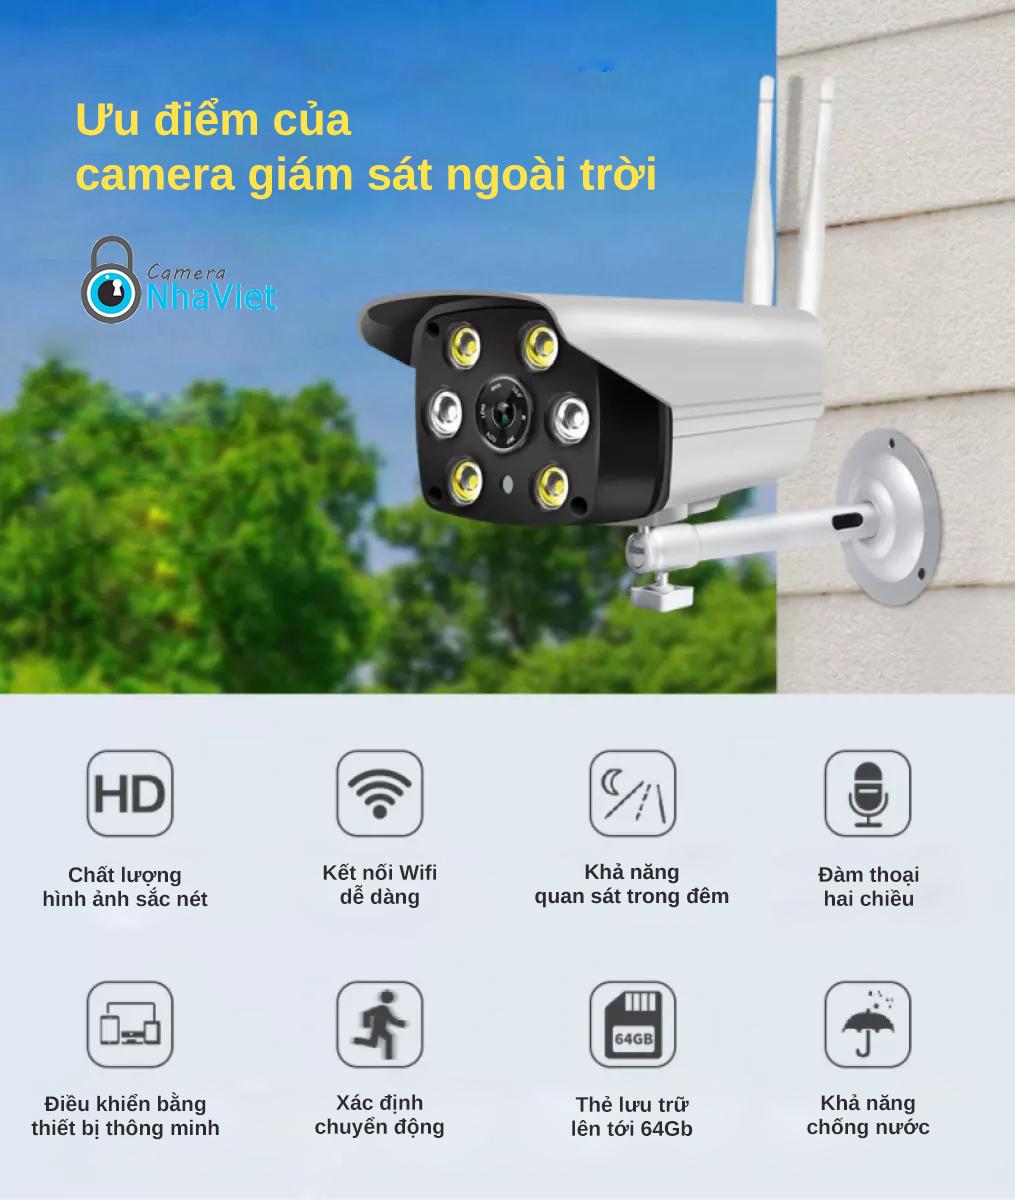 ưu điểm của camera giám sát ngoài trời